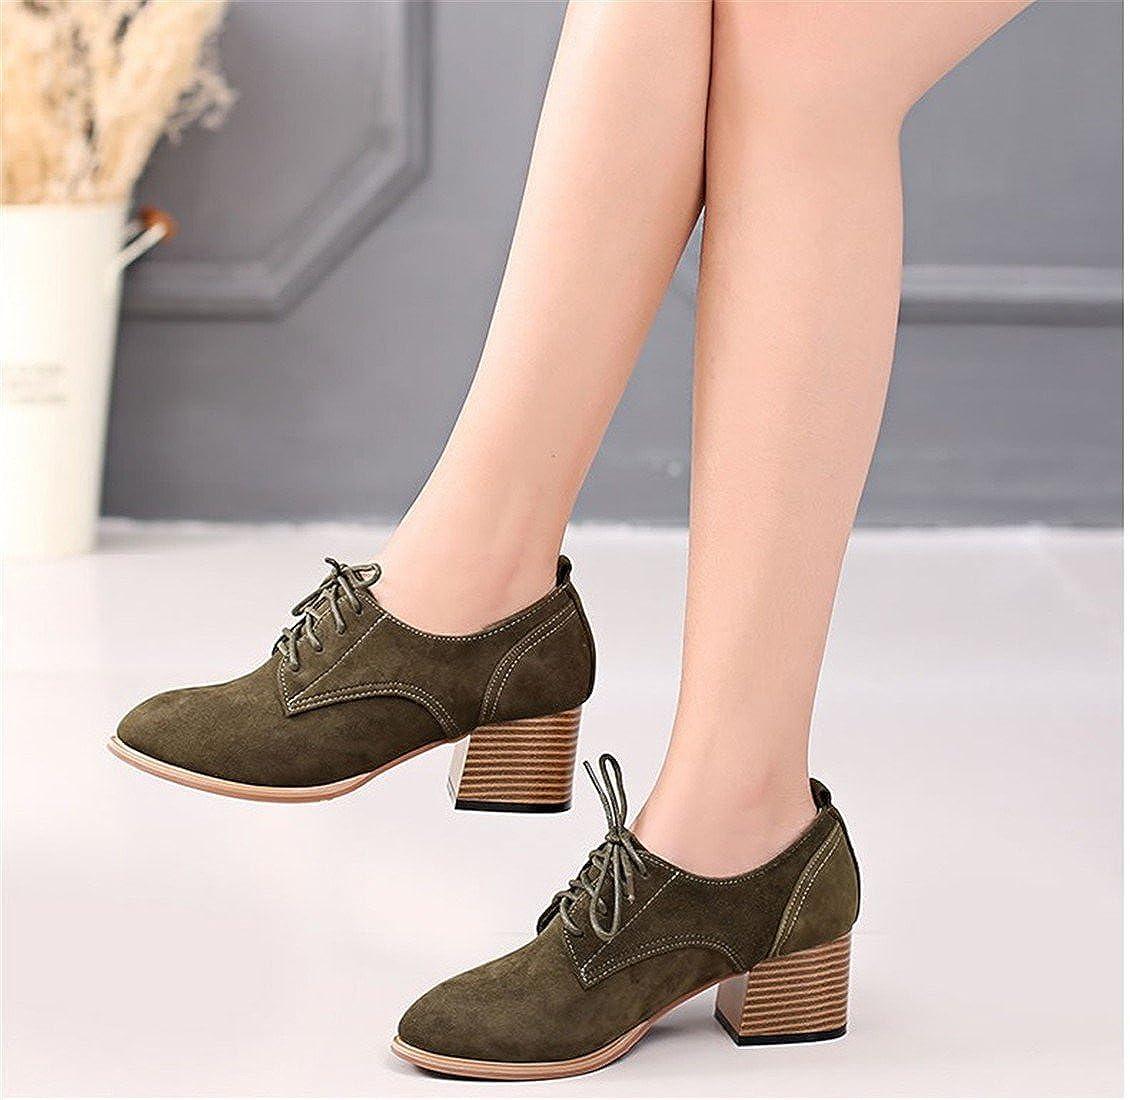 WXMDDN Latin Dance Olive Schuhe Olive Dance grün schwarz Schuhe Schuhe für Erwachsene mit Lehrern im modernen Tanz Schuh,E35 - 39bd90